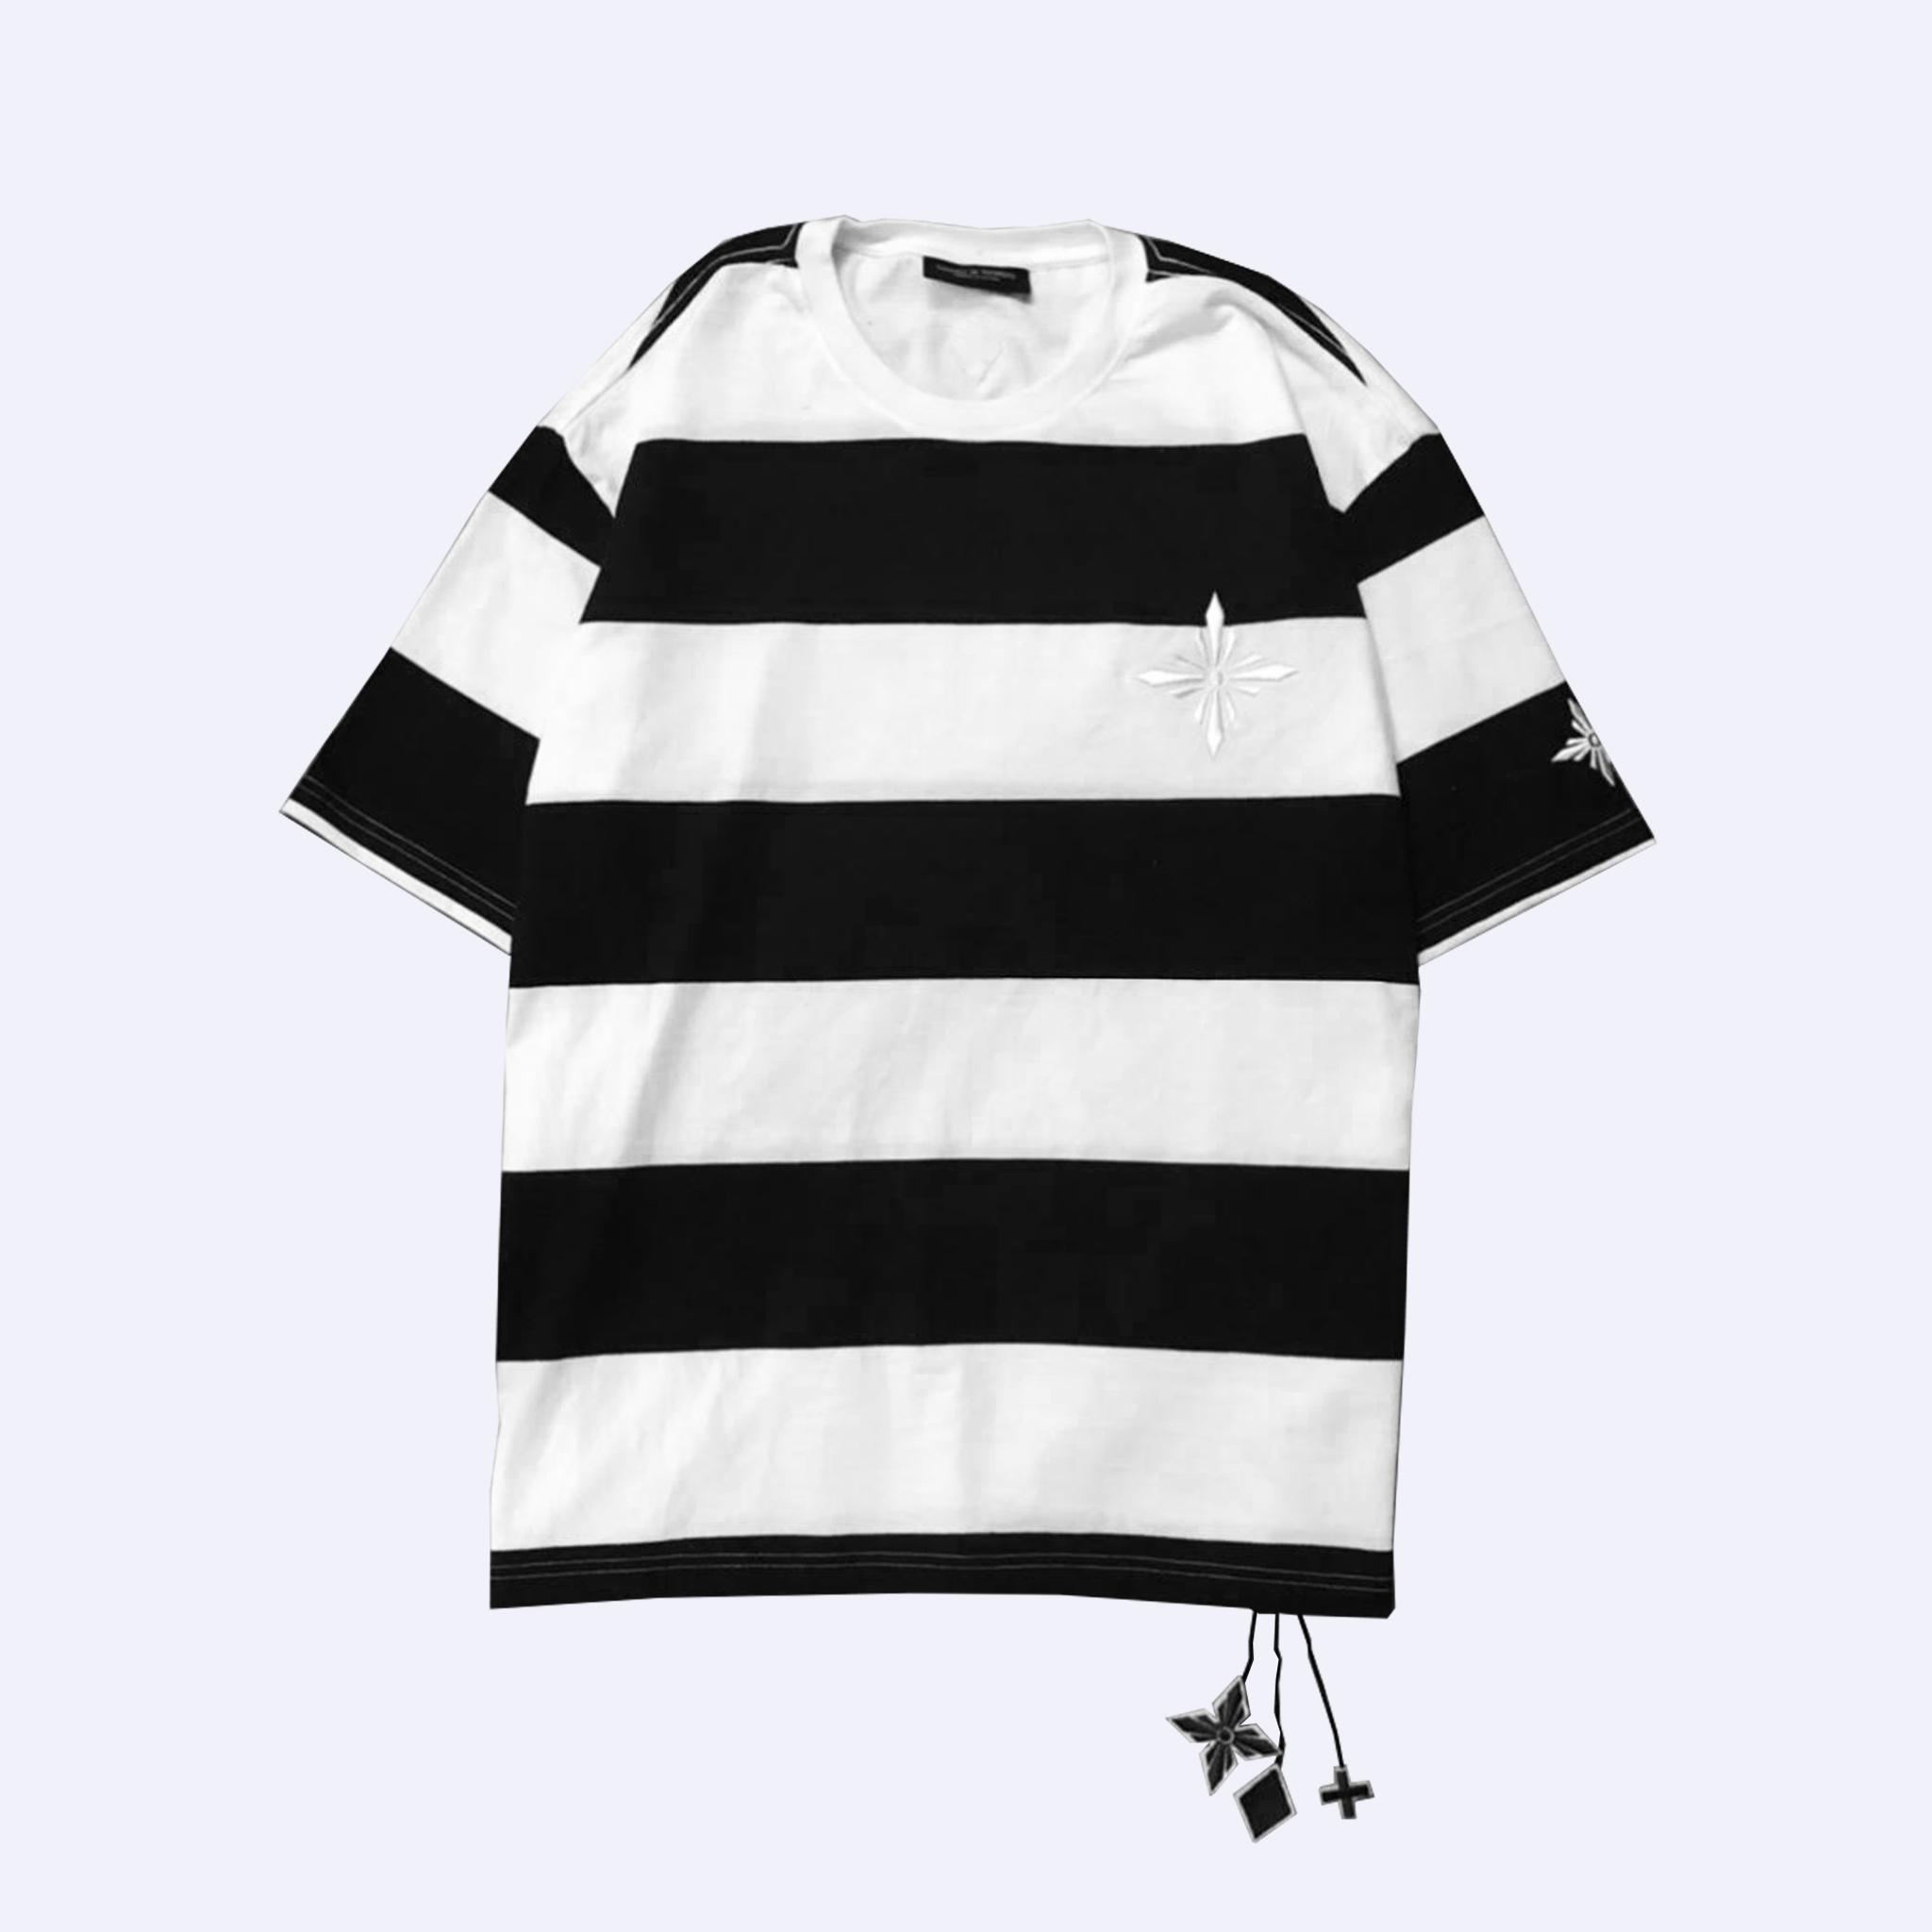 B/W Big Striped Signature T-Shirt